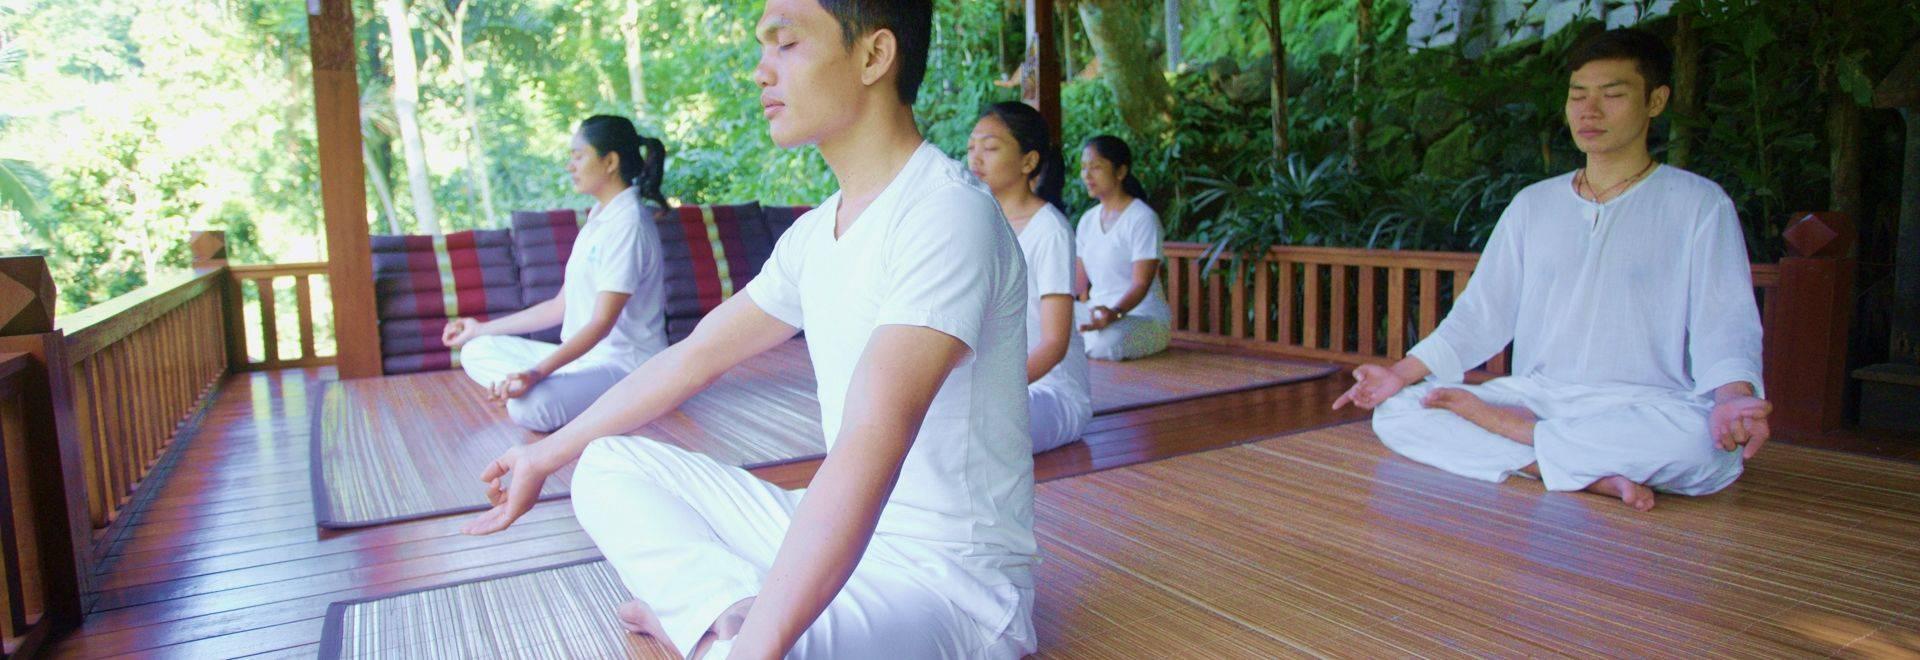 Svarga-Loka-meditation.jpg